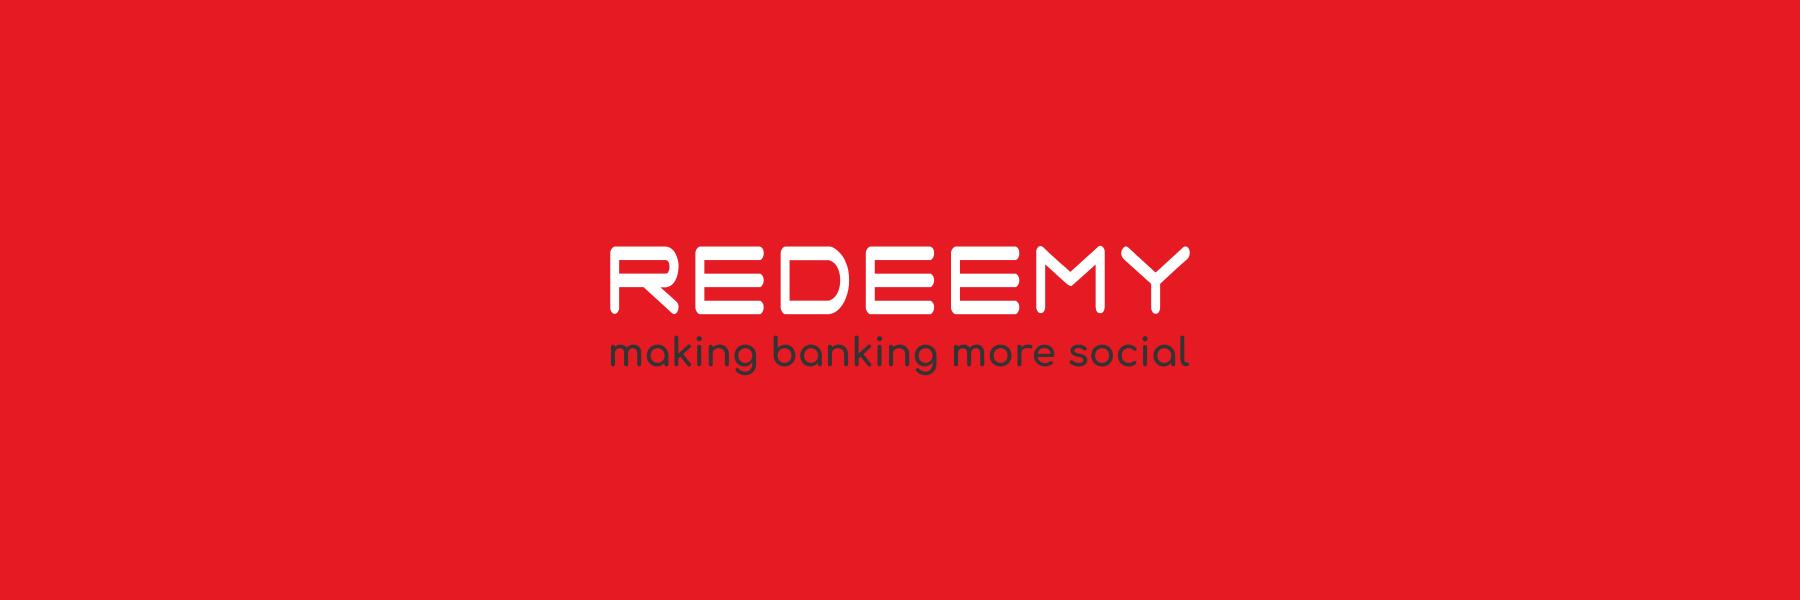 redeemy-header